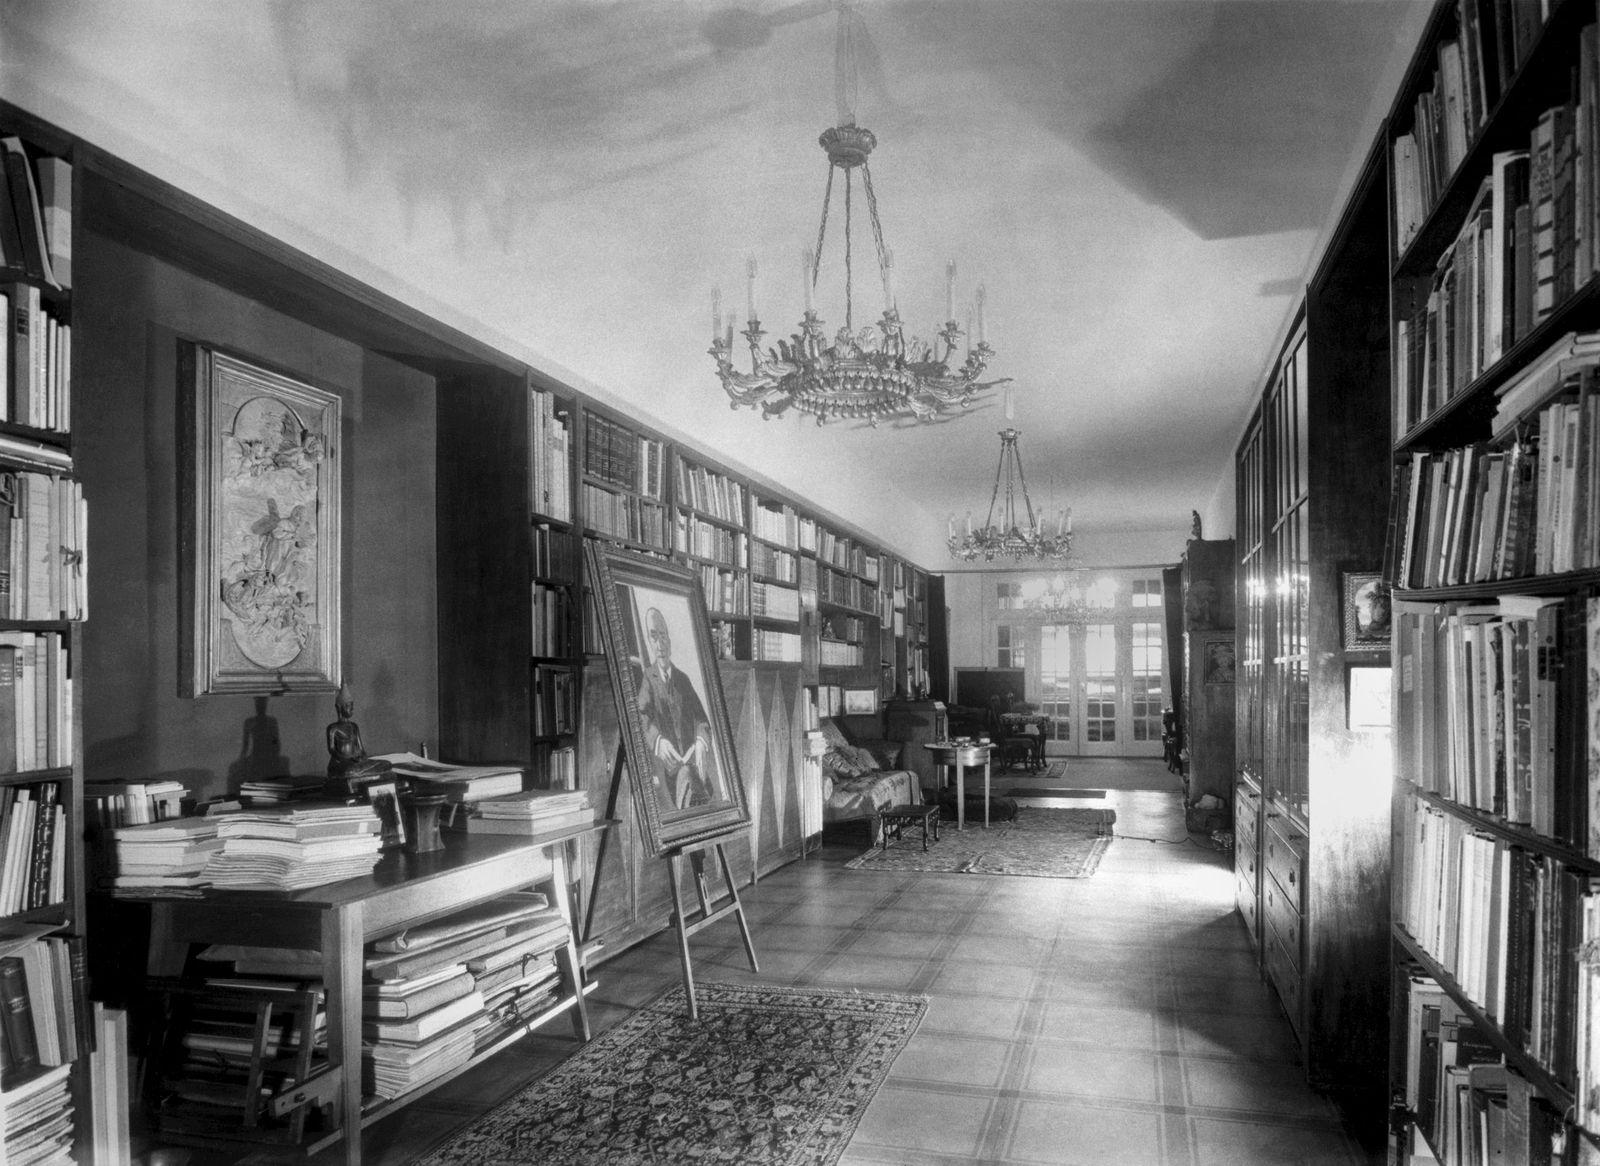 -Bibliothek, Wohnung Curt und Elsa Glaser, Prinz-Albrecht-Straße 8. Ca. 1930. Landesarchiv Berlin / Fotografin: Marta Huth